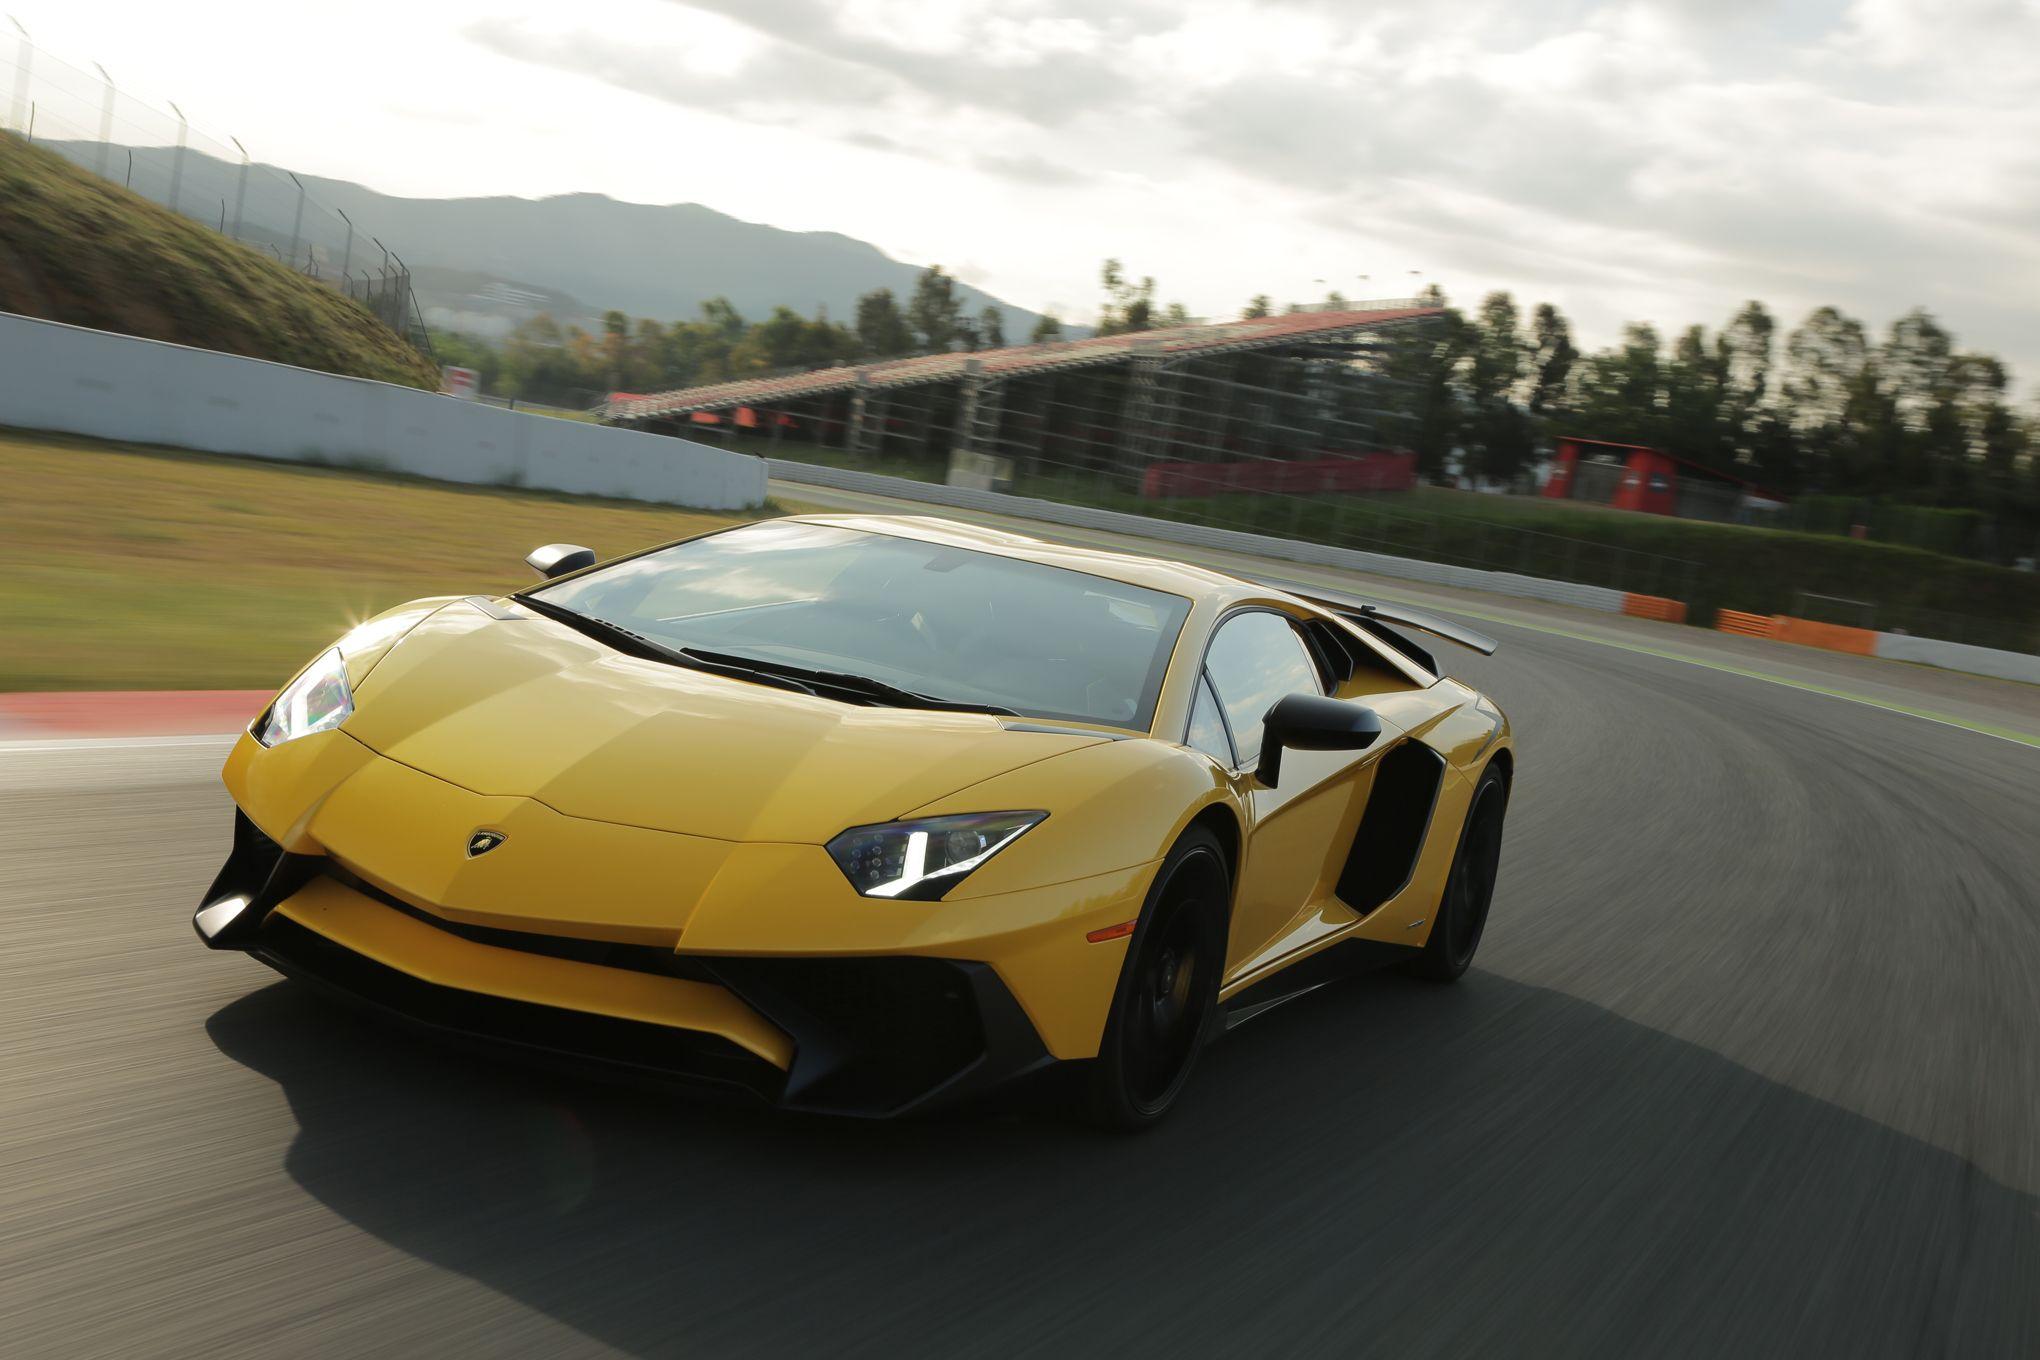 Lamborghini: Vendite in Aumento, 2015 Anno Memorabile